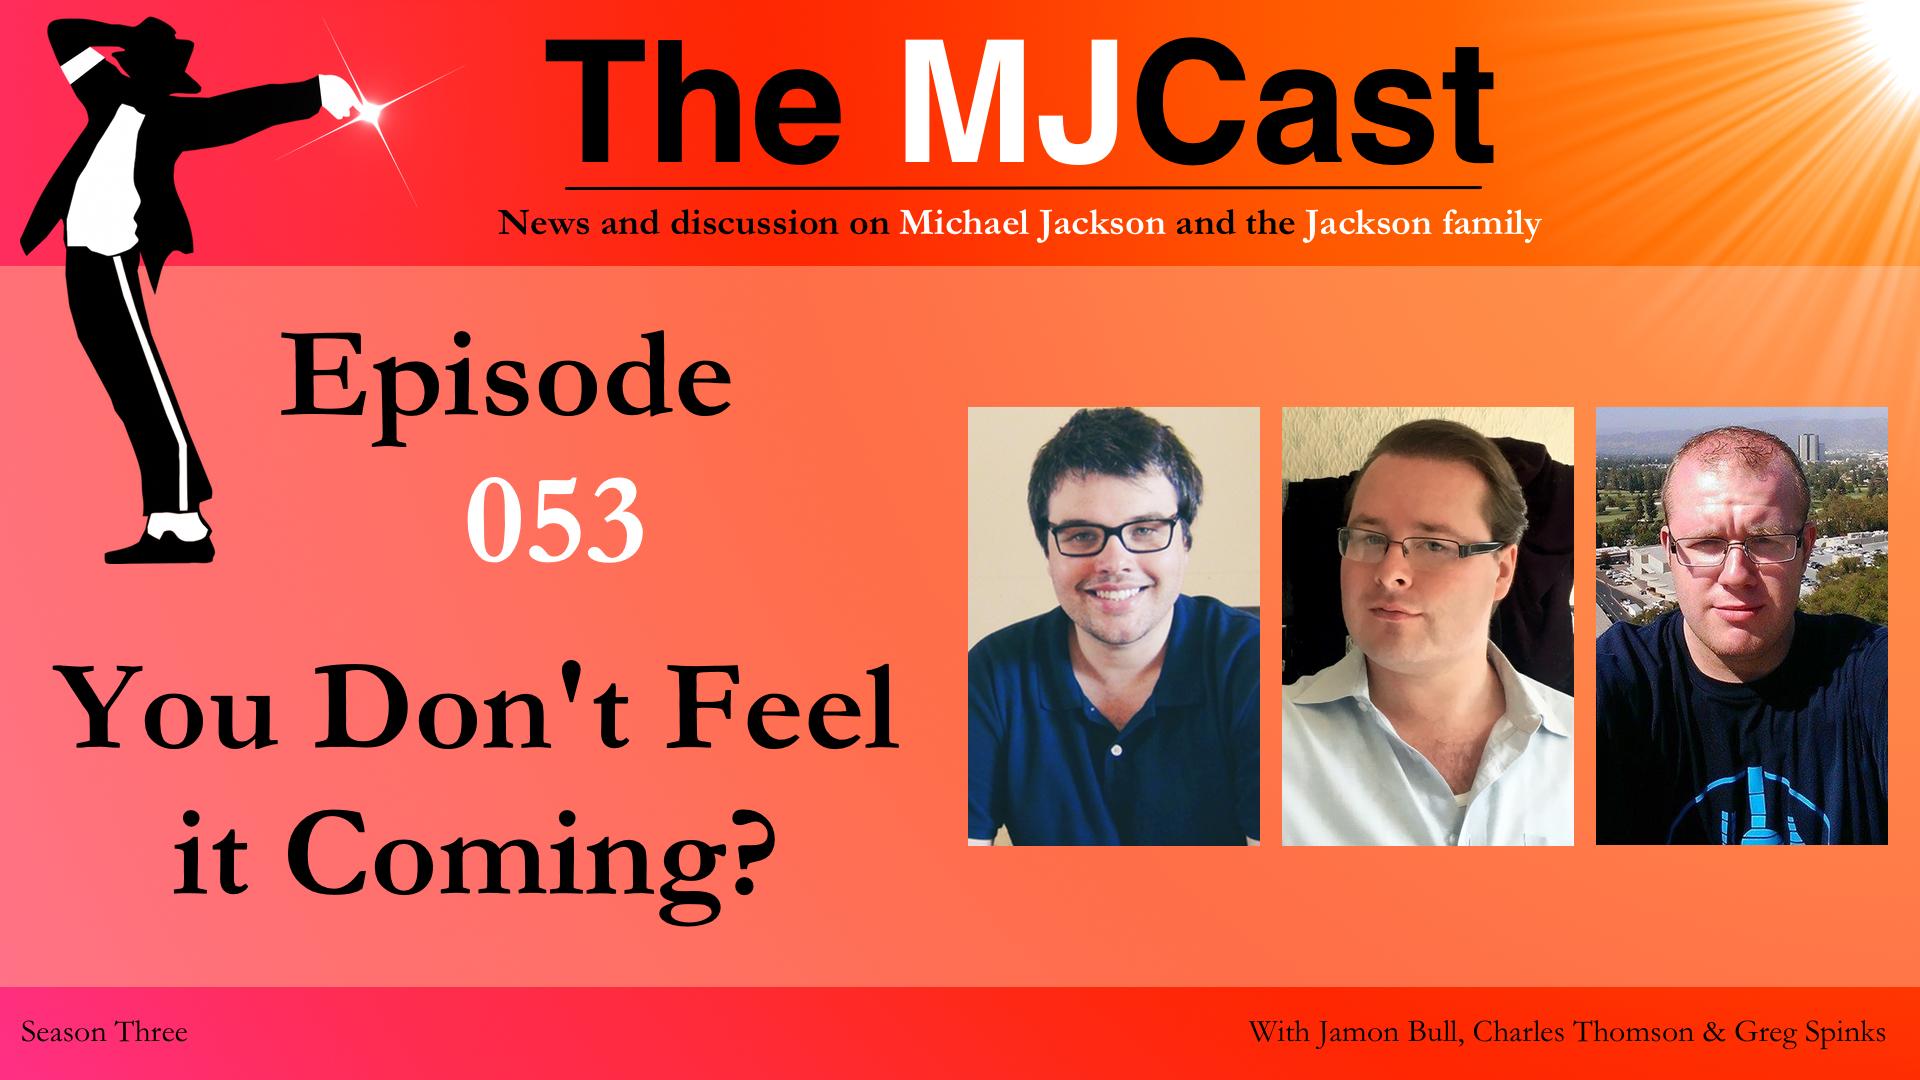 The MJCast - A Michael Jackson Podcast   Podbay